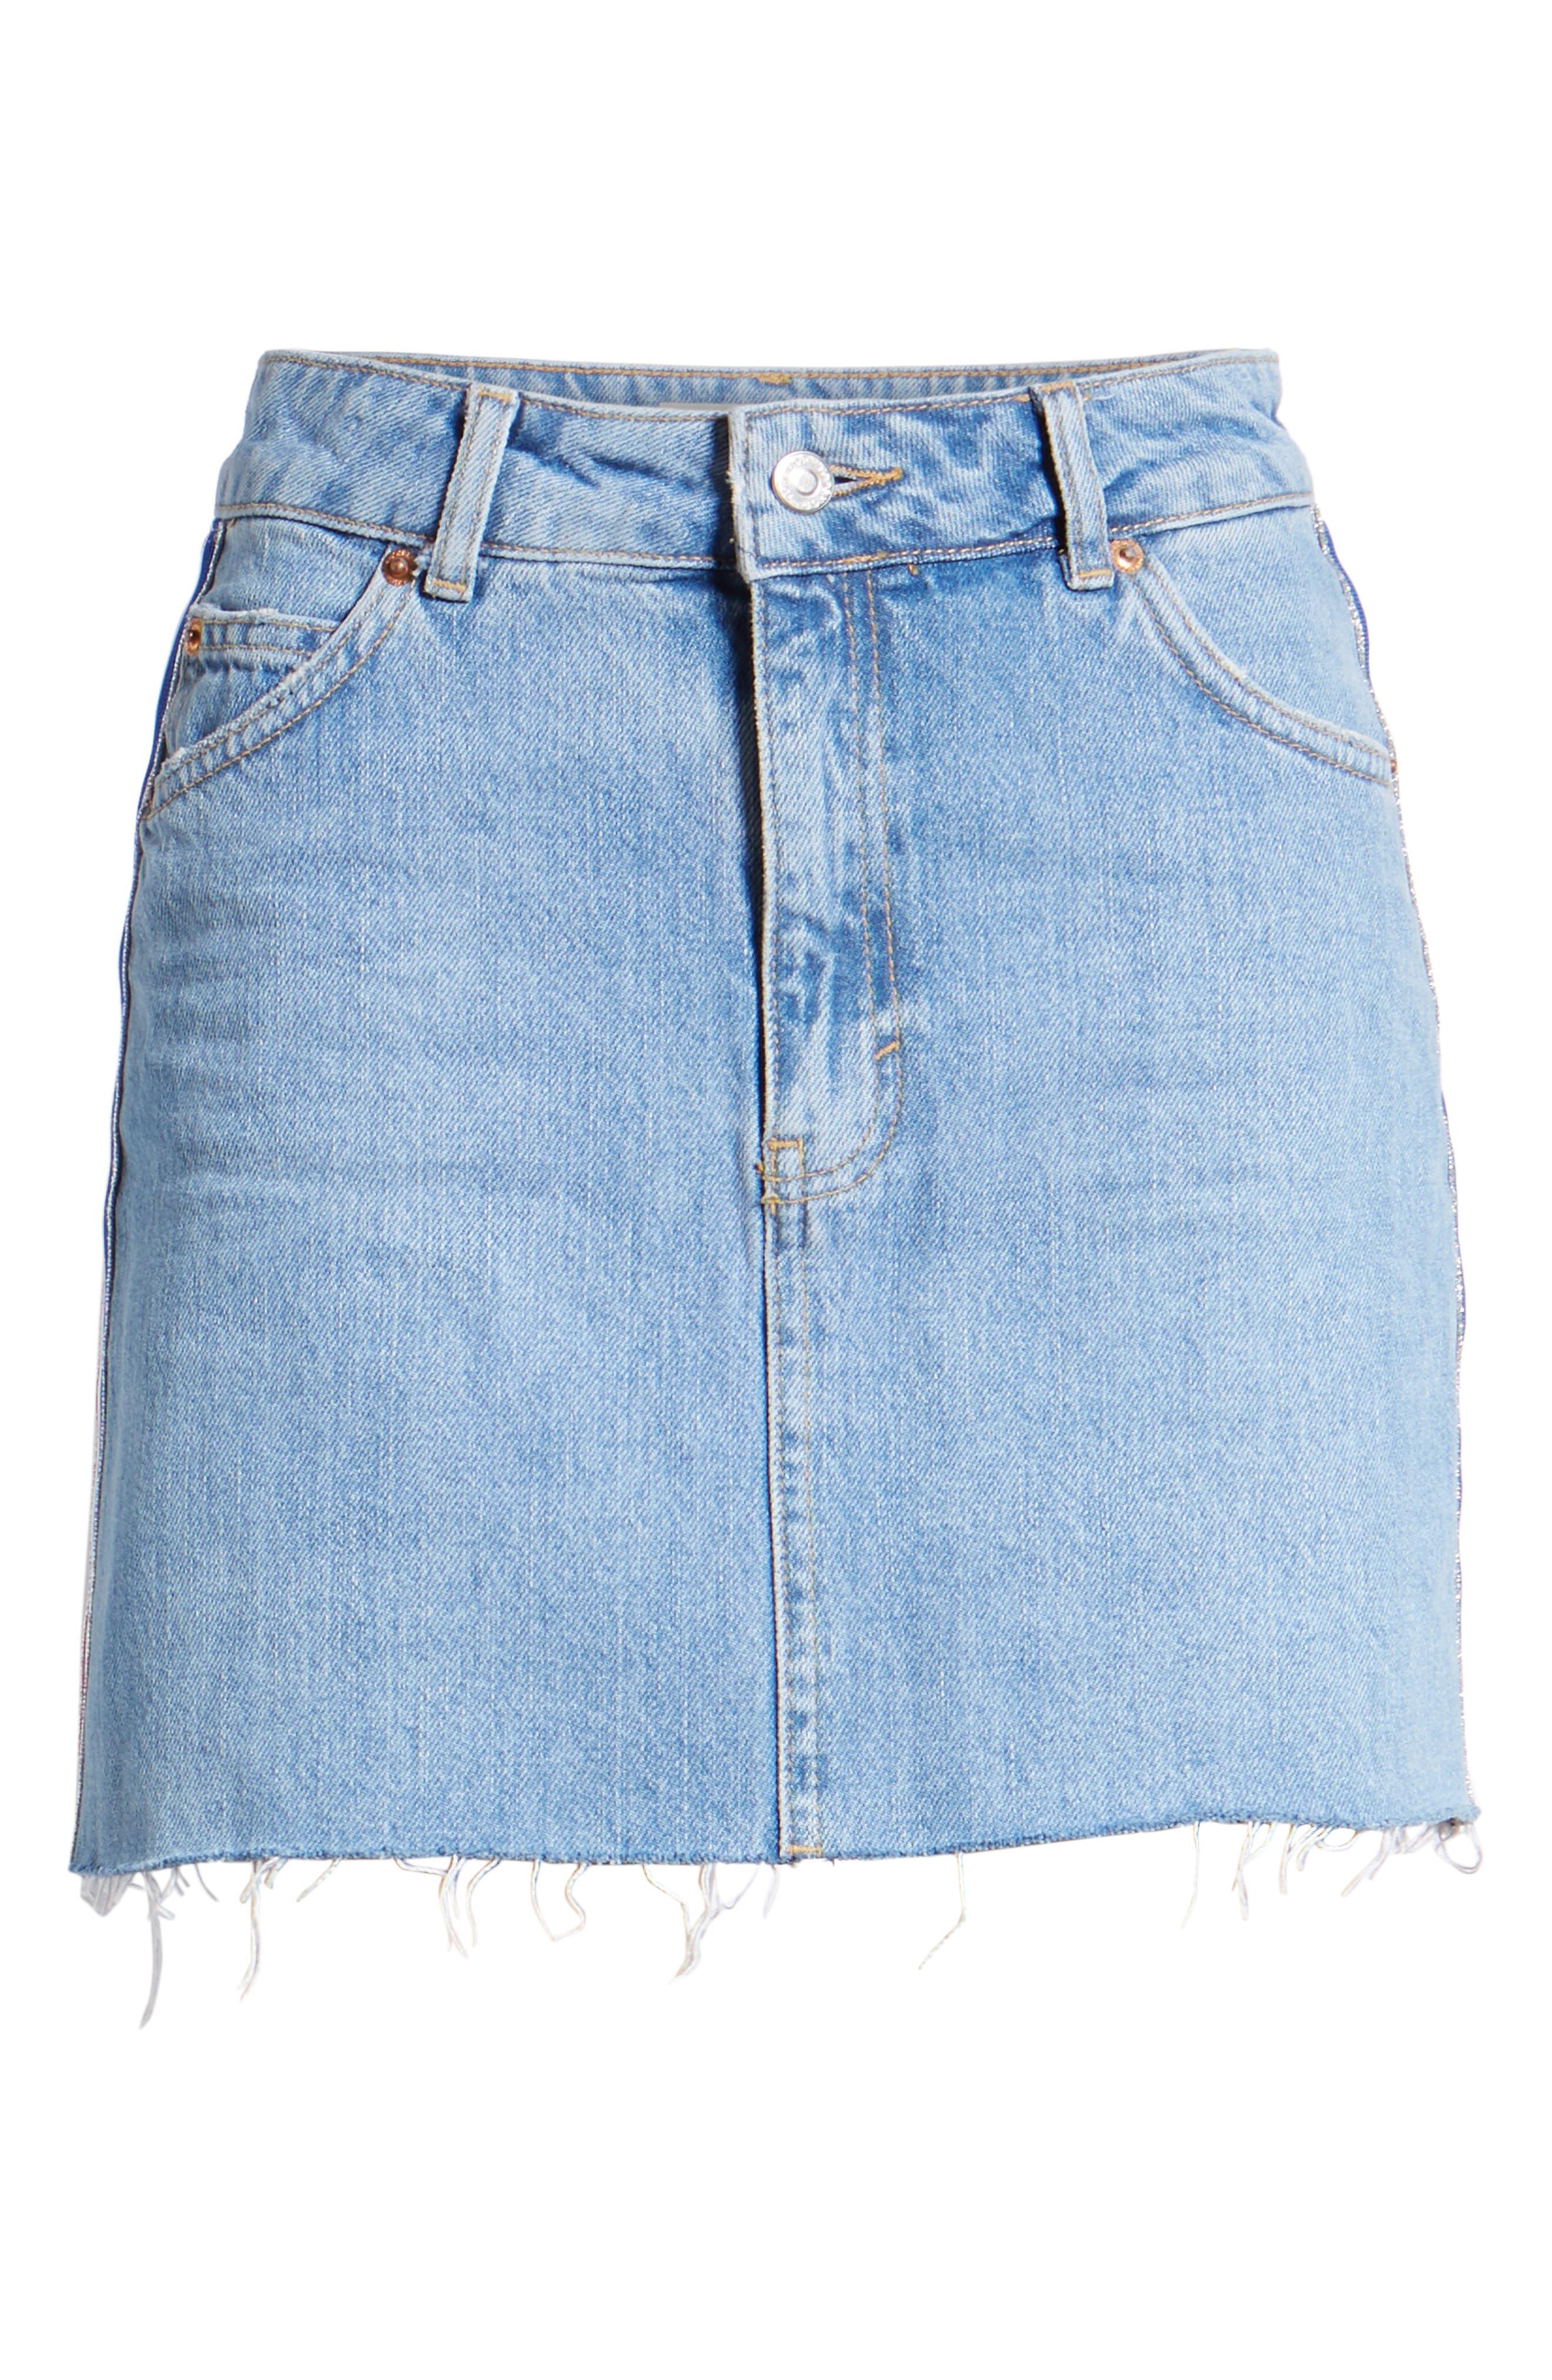 MOTO Stripe Denim Skirt,                             Alternate thumbnail 7, color,